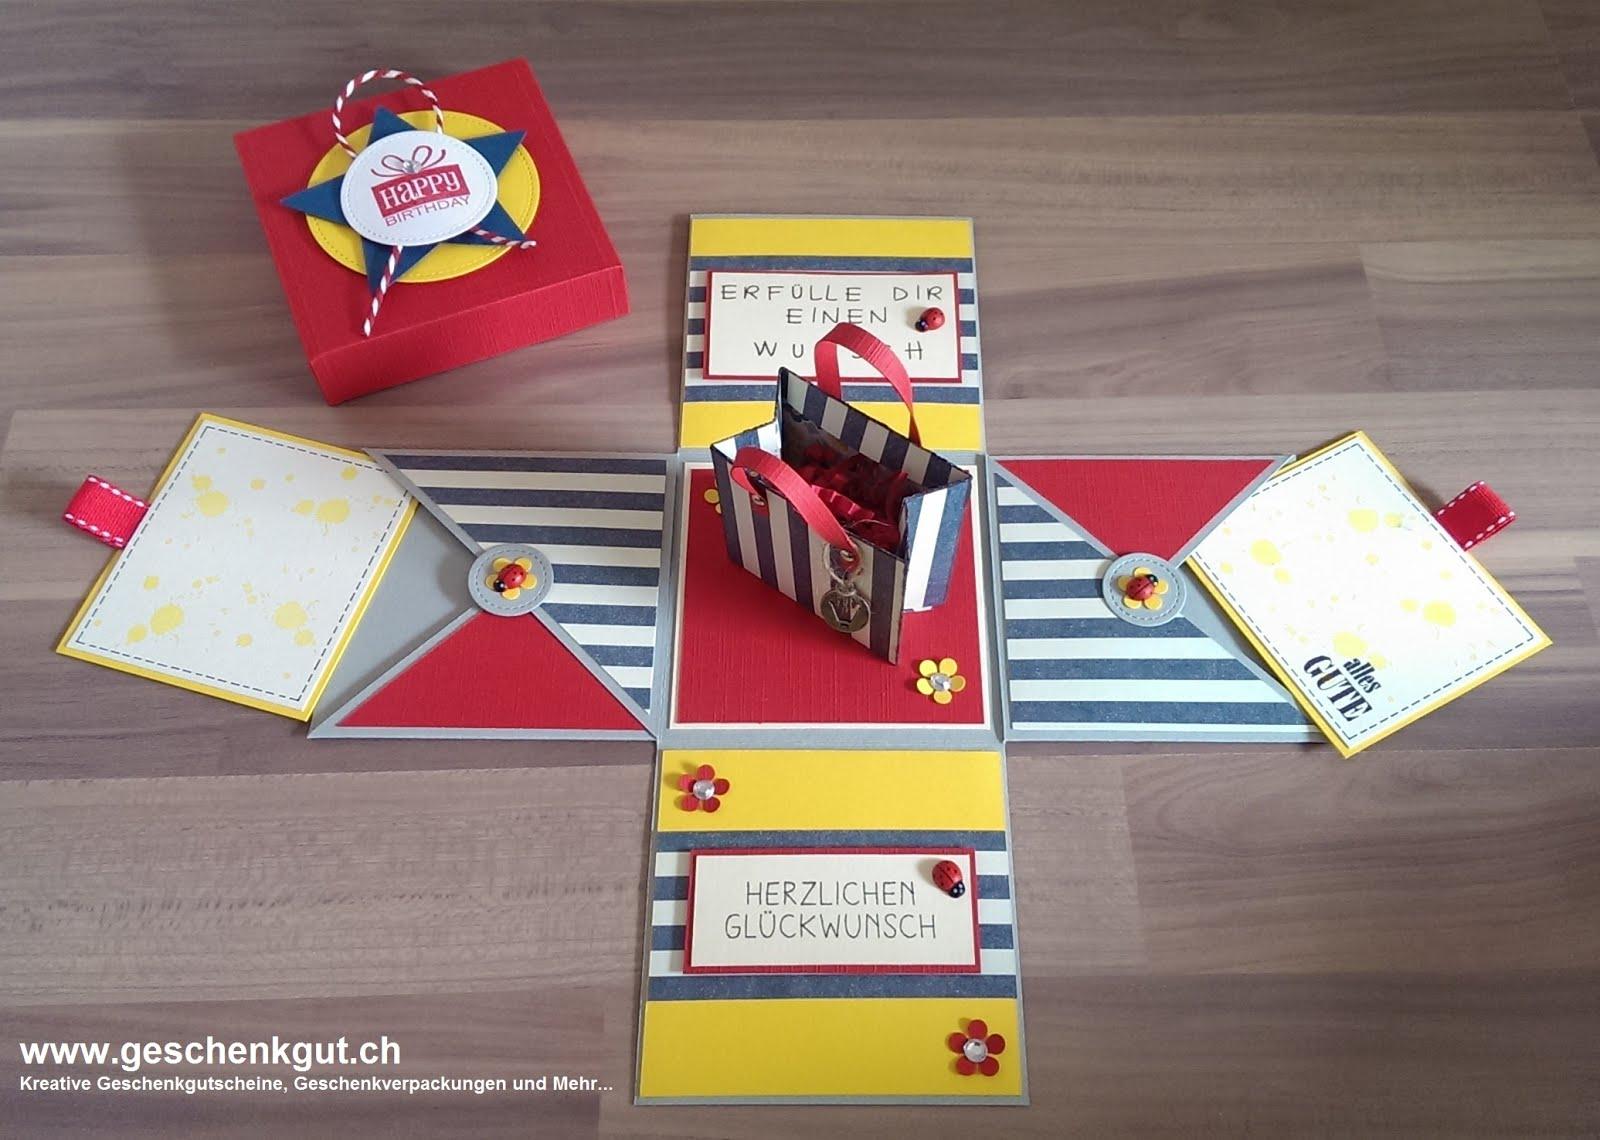 Geschenkgut shop geschenkverpackungen for Geschenk zum 60 mutter